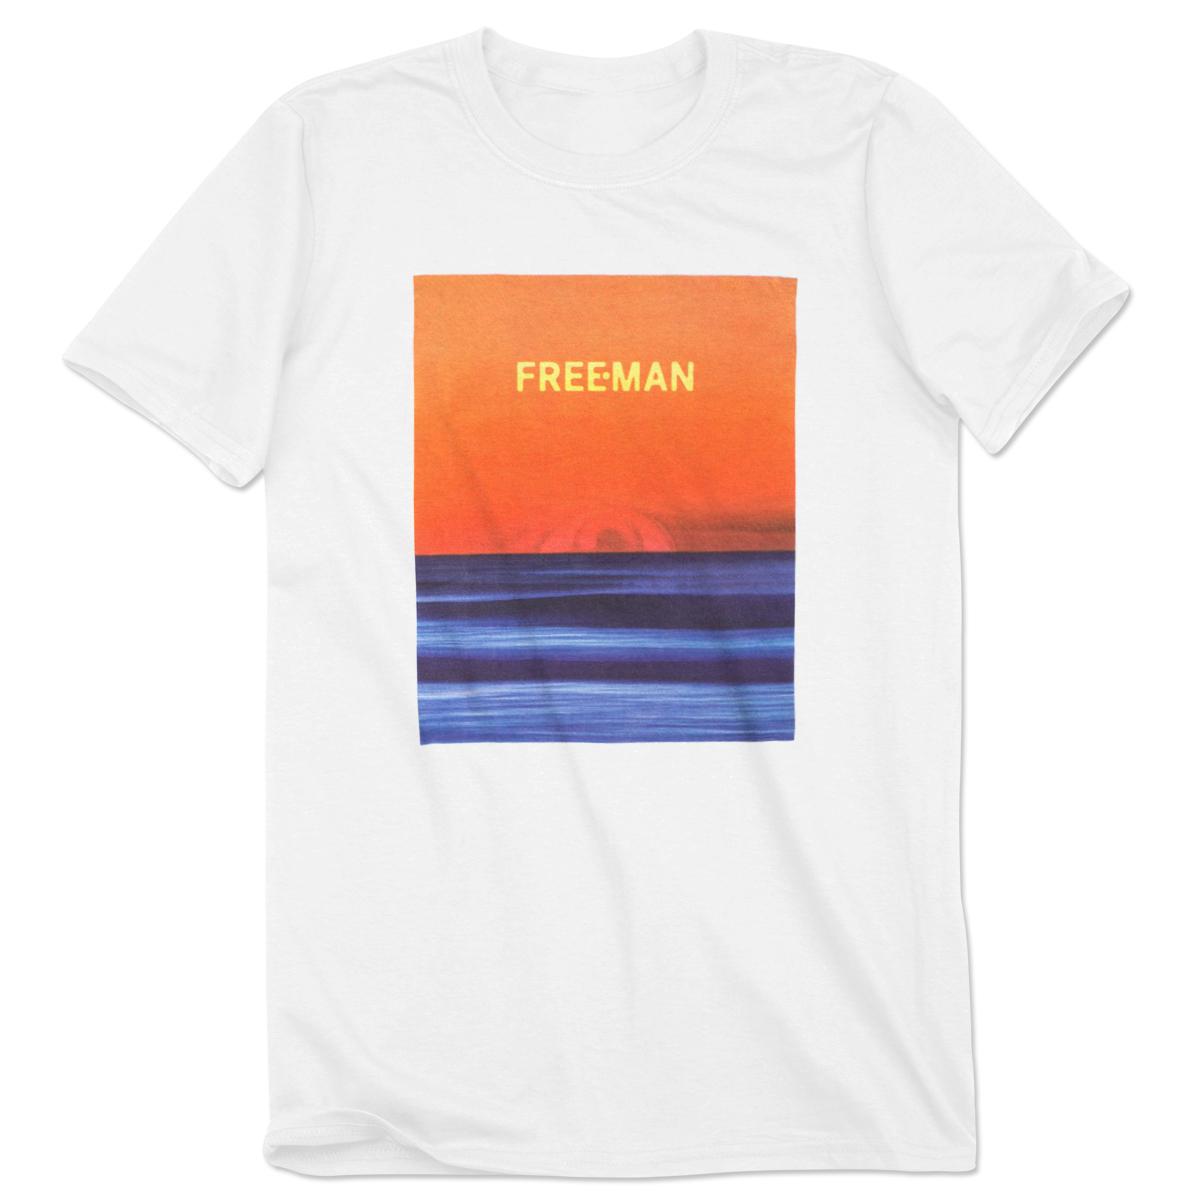 Freeman Album Cover T